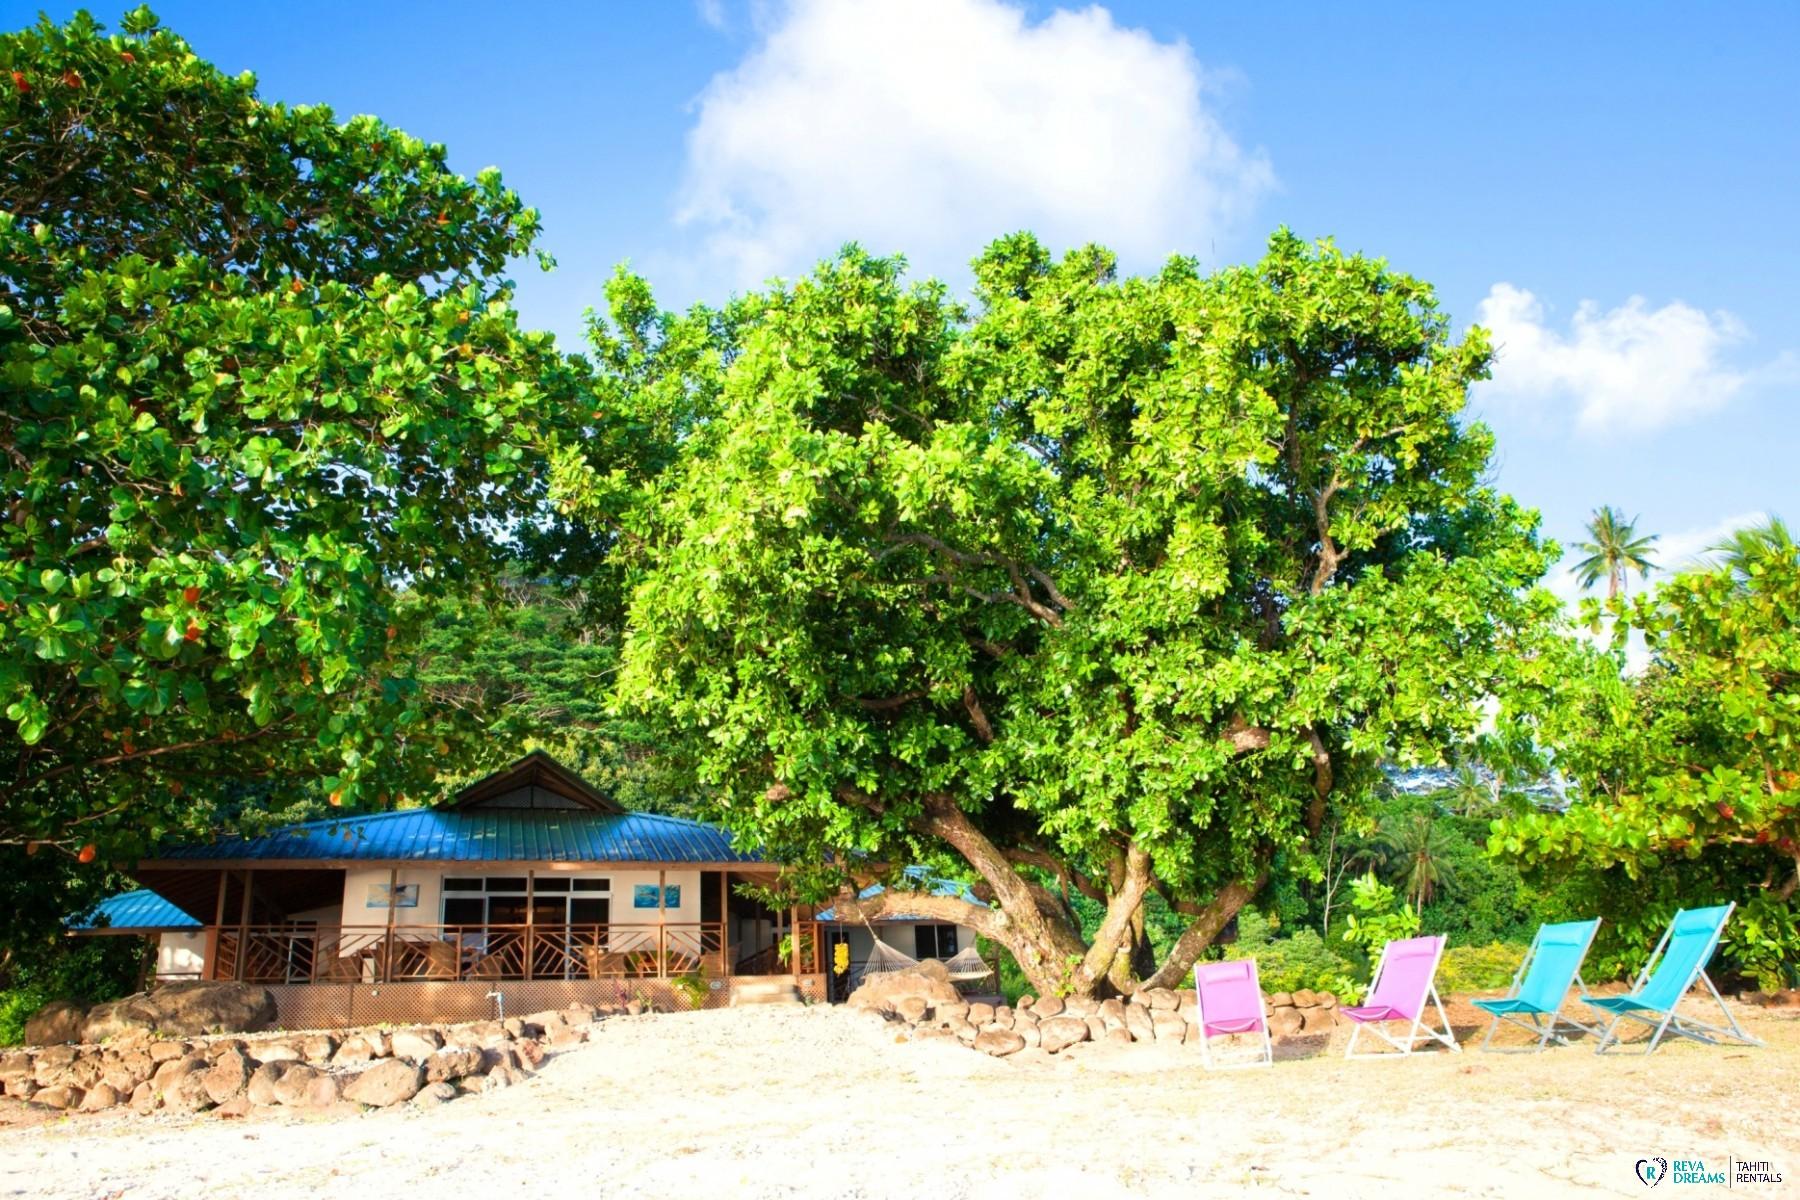 Villa Tehere Dream, plage de sable blanc au bord du lagon, jardin tropical sur l'île de Tahaa, Polynésie Française